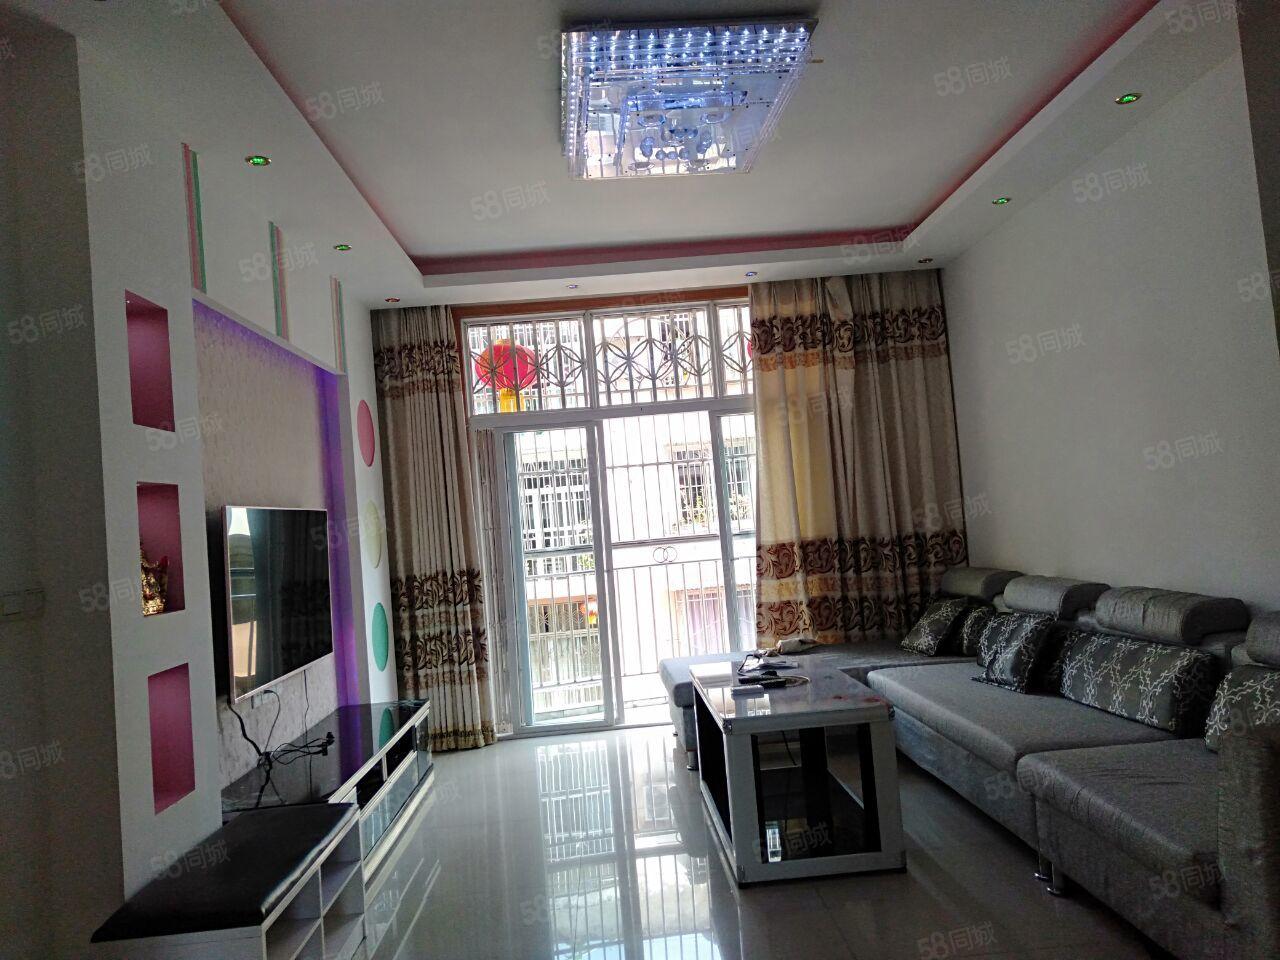 玉泉街金帝公寓3室2厅2卫113平米精装齐全实惠房源